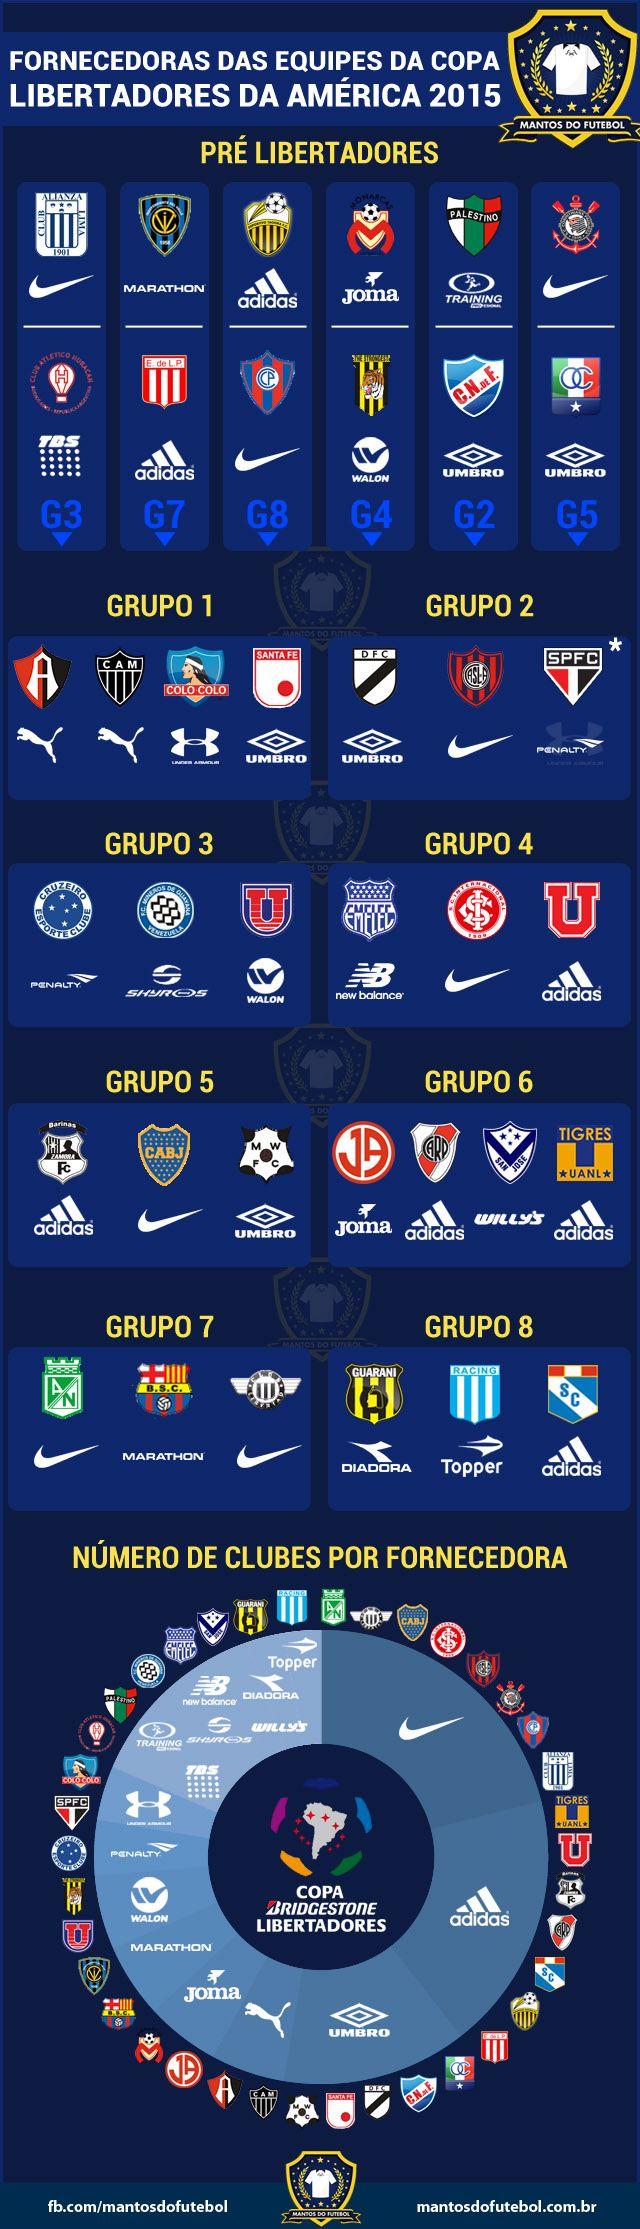 Fornecedoras das equipes da Copa Libertadores da América 2015